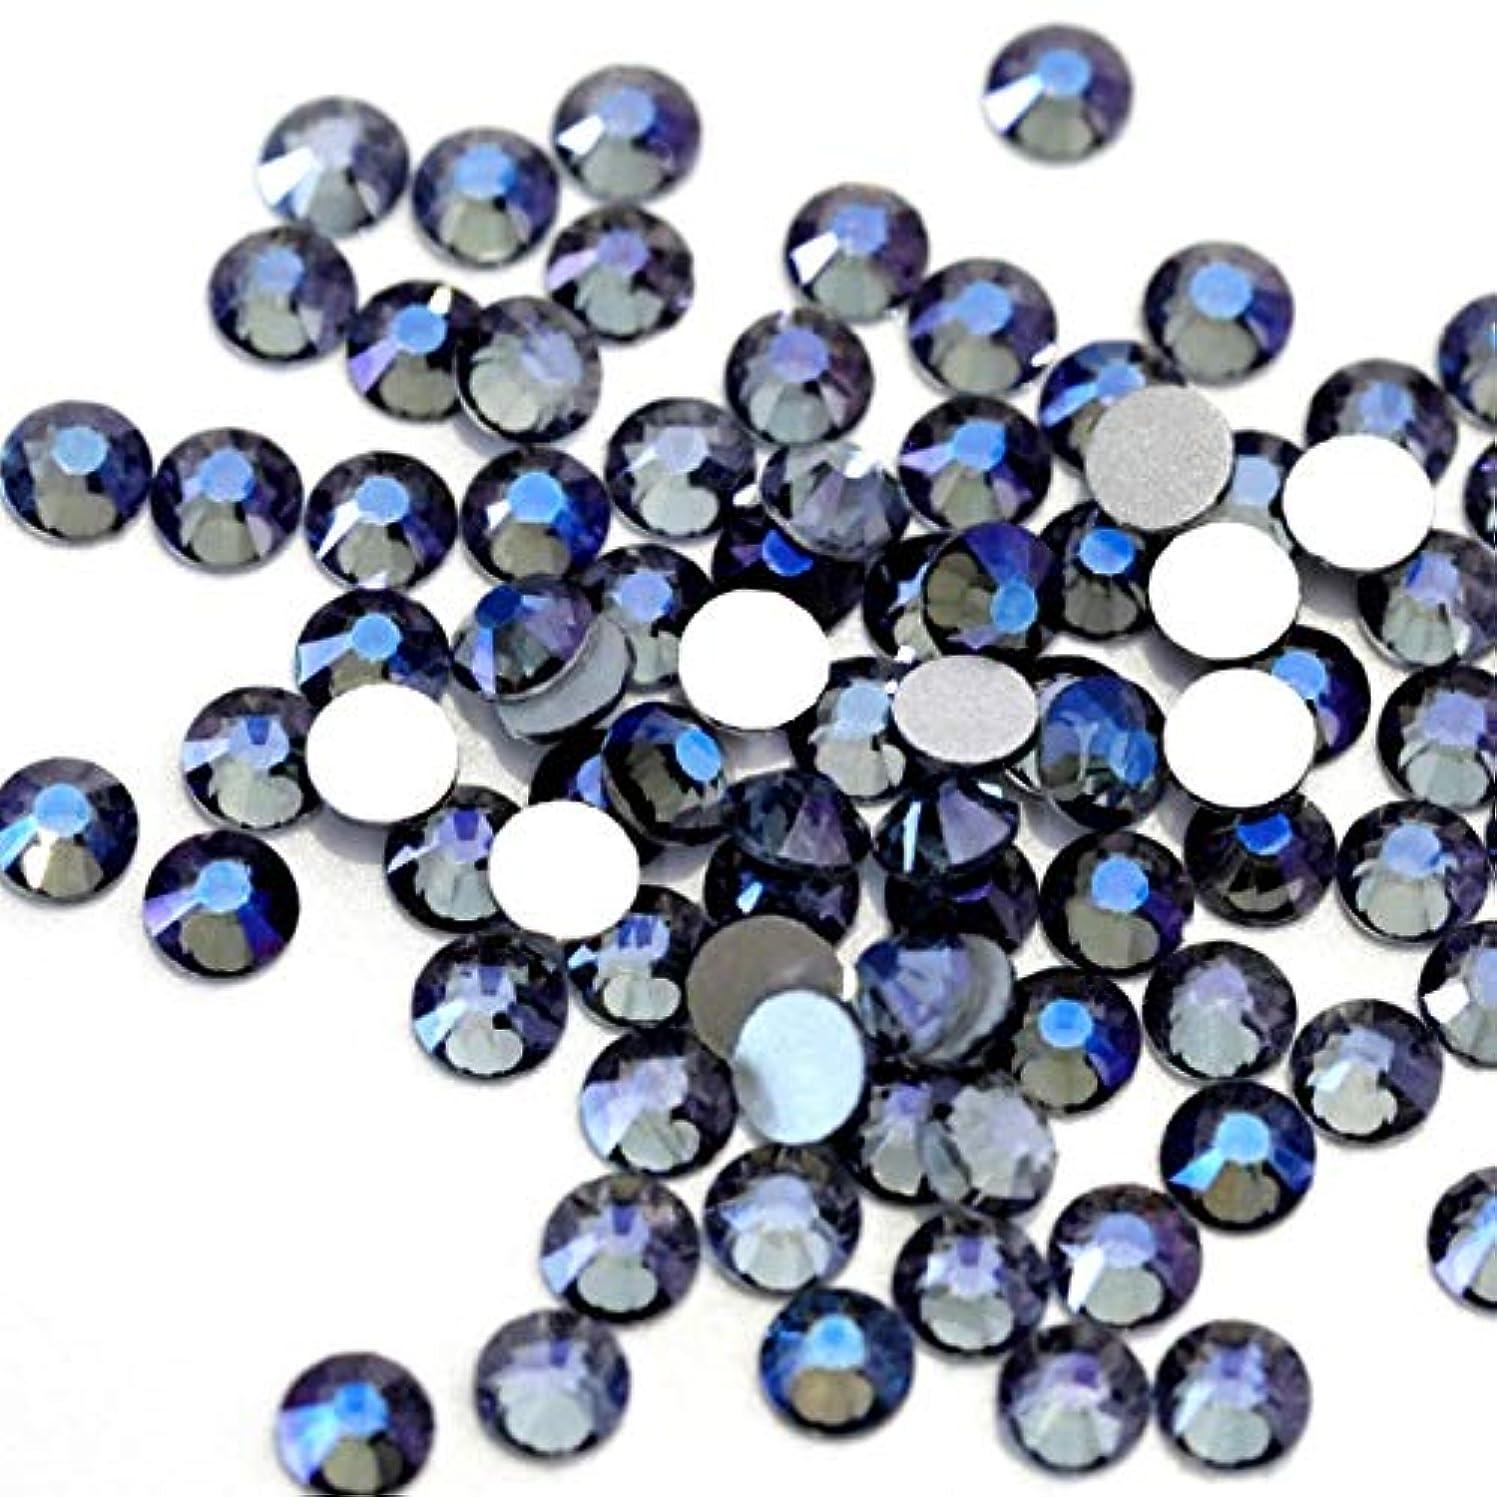 【ラインストーン77】高品質ガラス製ラインストーン 色/サイズ選択可 SS3~SS50 スワロフスキー同等 (パープルゴースト, SS12:約3.0mm(約200粒))